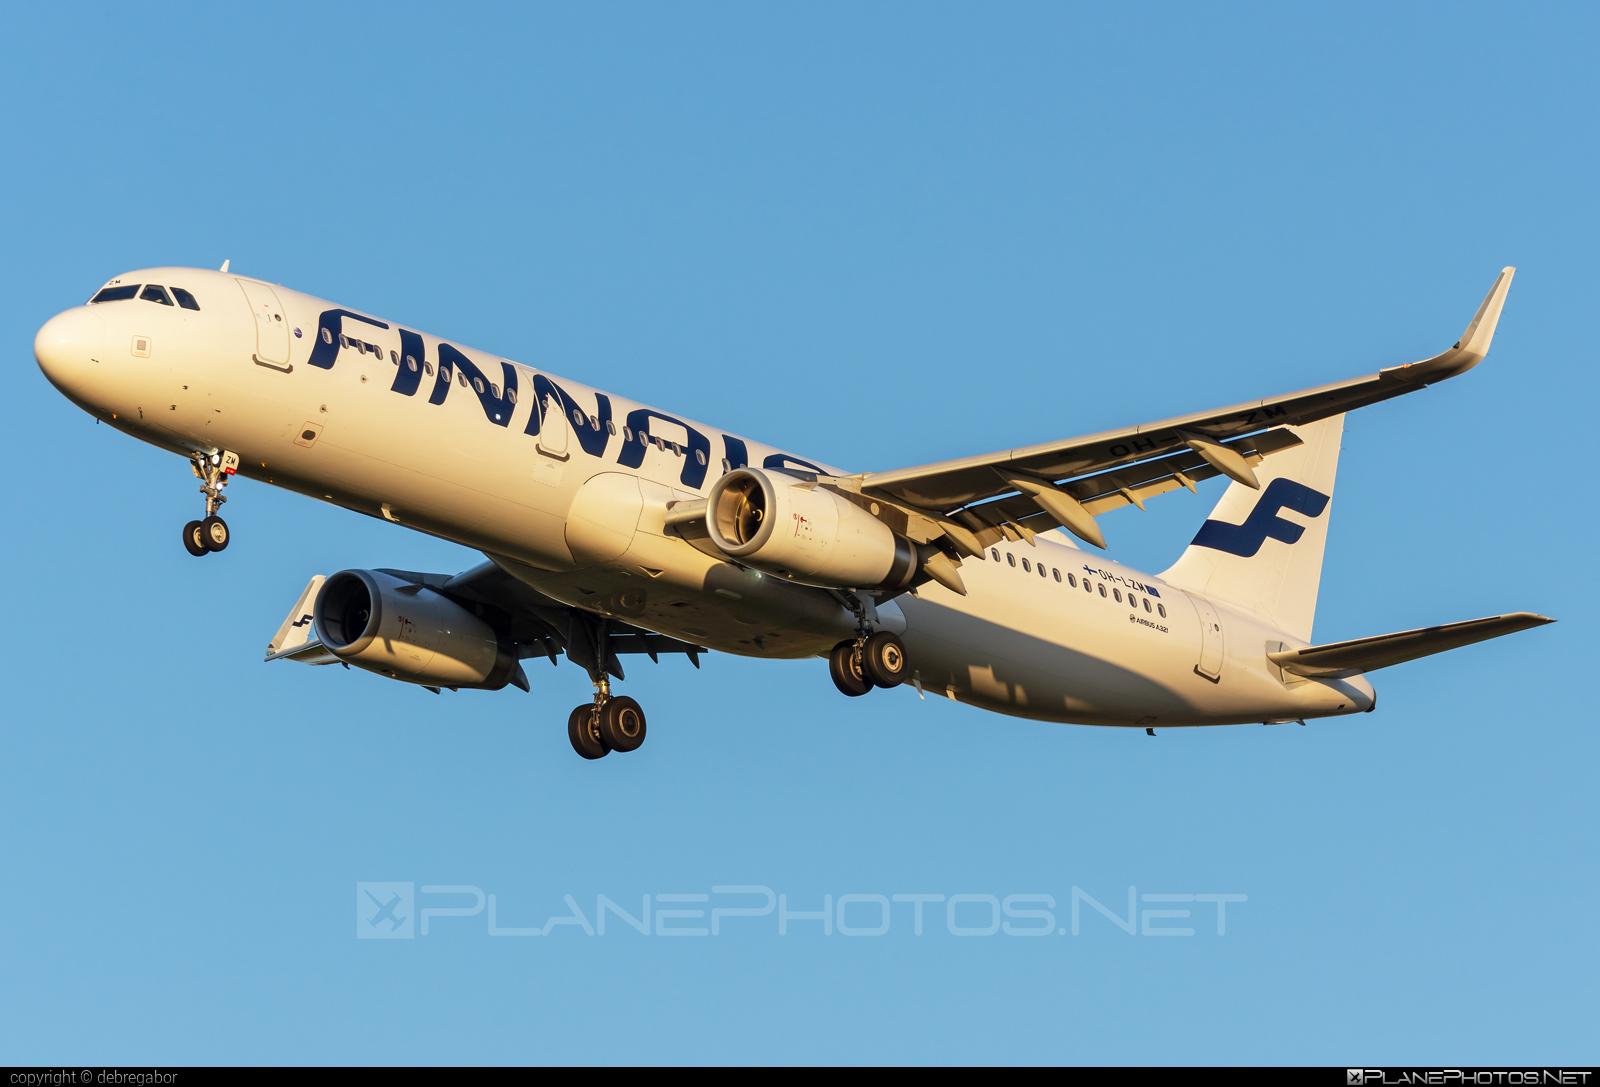 Airbus A321-231 - OH-LZM operated by Finnair #a320family #a321 #airbus #airbus321 #finnair